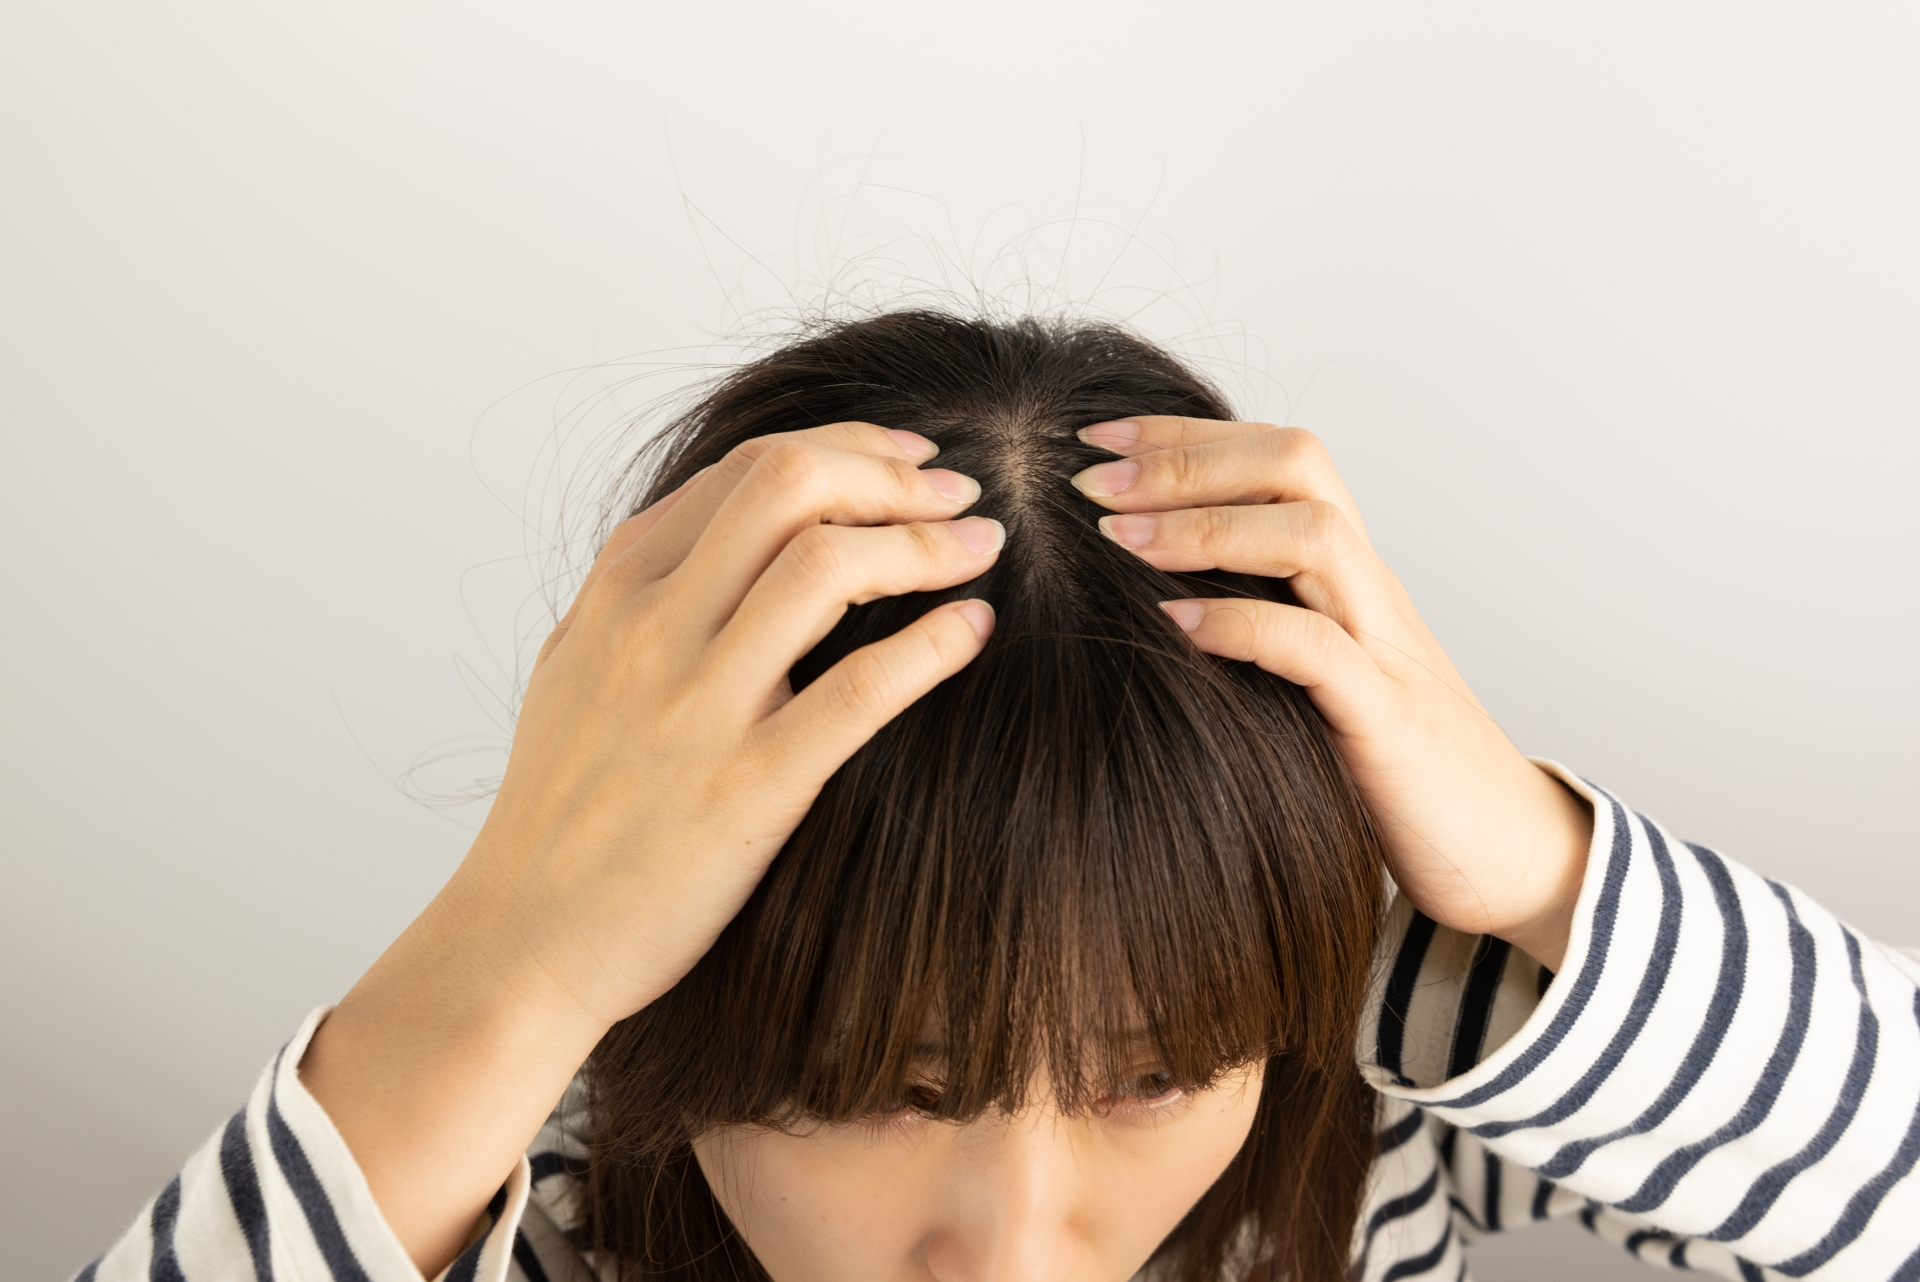 頭皮のニオイを気にする女性